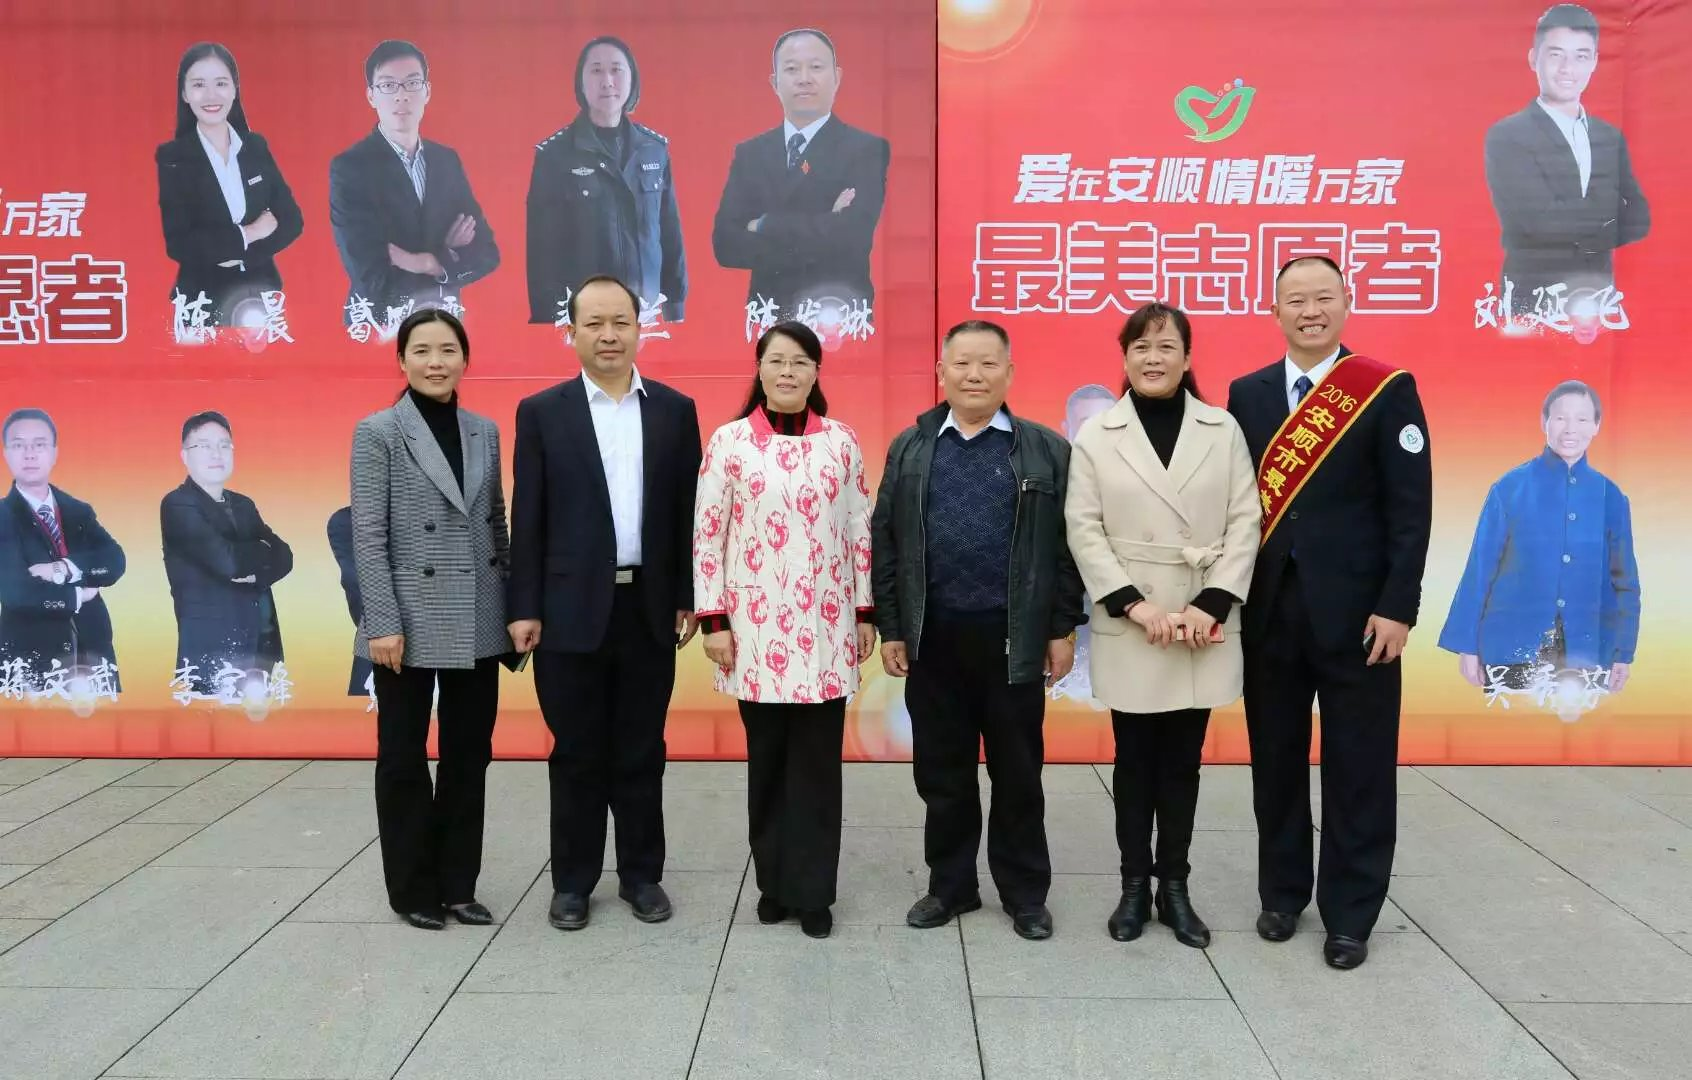 与市领导、区领导和志愿联合会主席合影